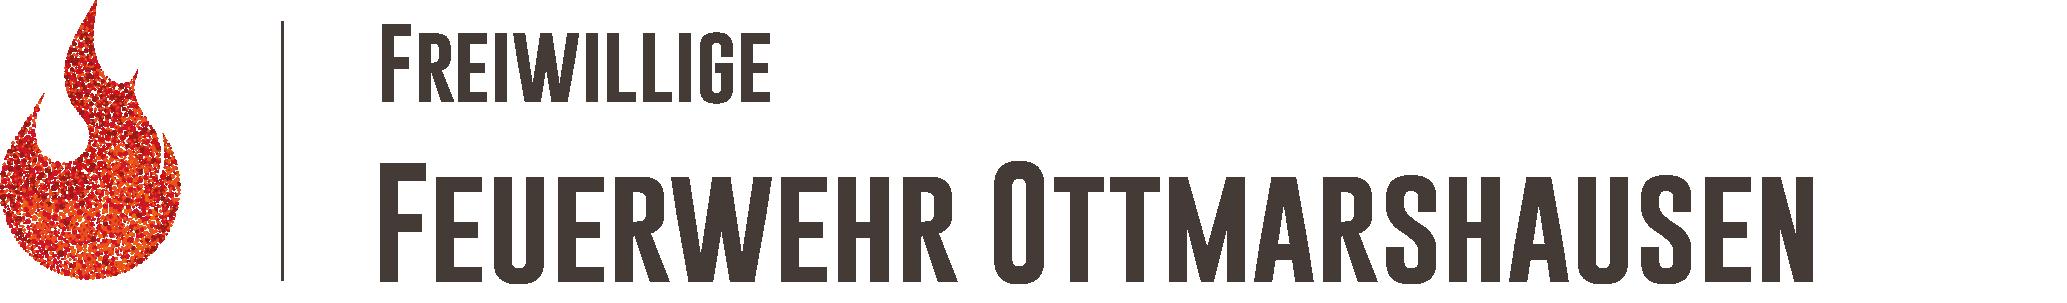 Freiwillige Feuerwehr Ottmarshausen